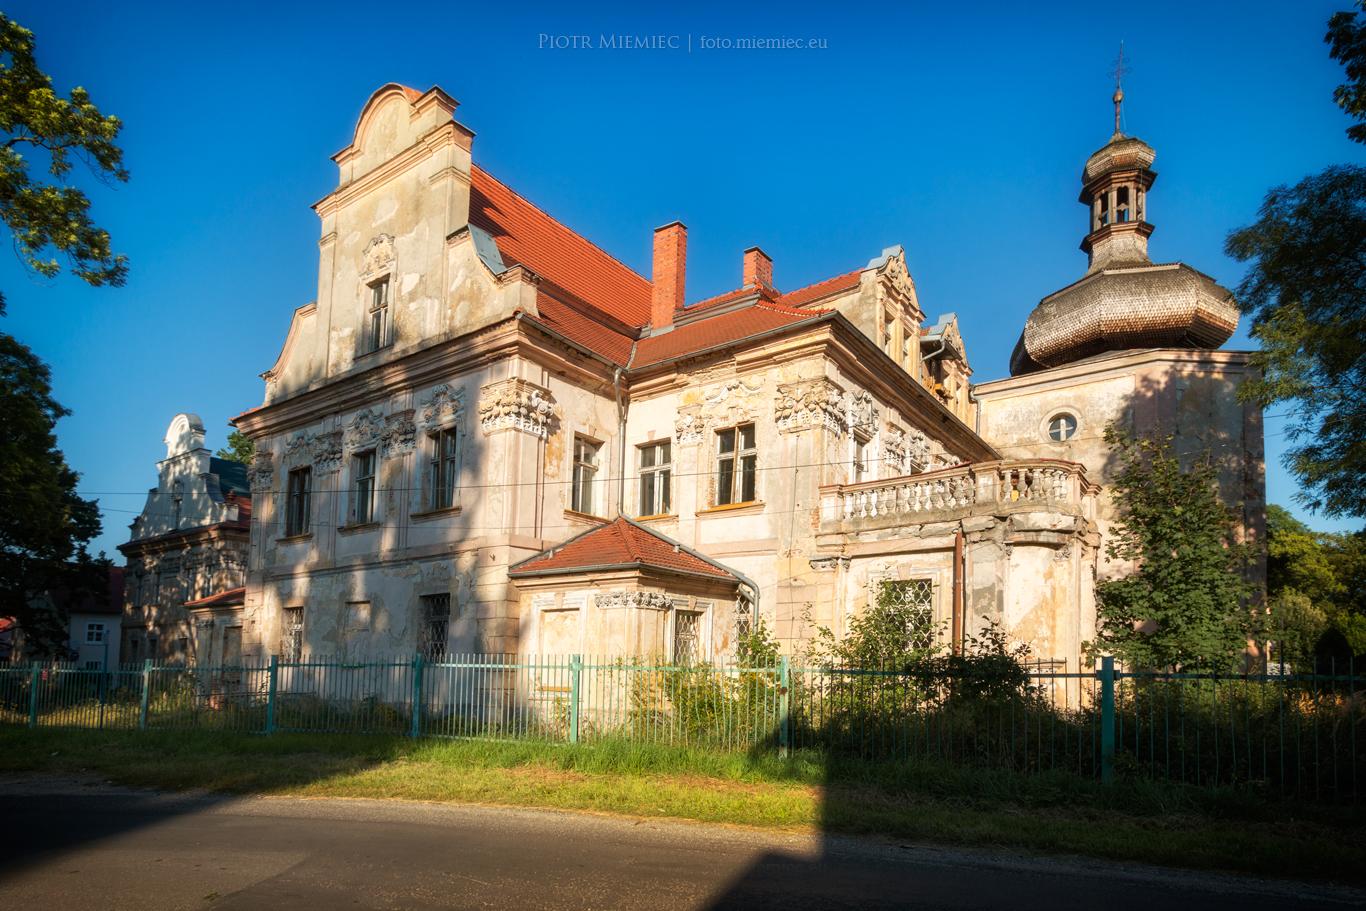 Turawa pałac 10